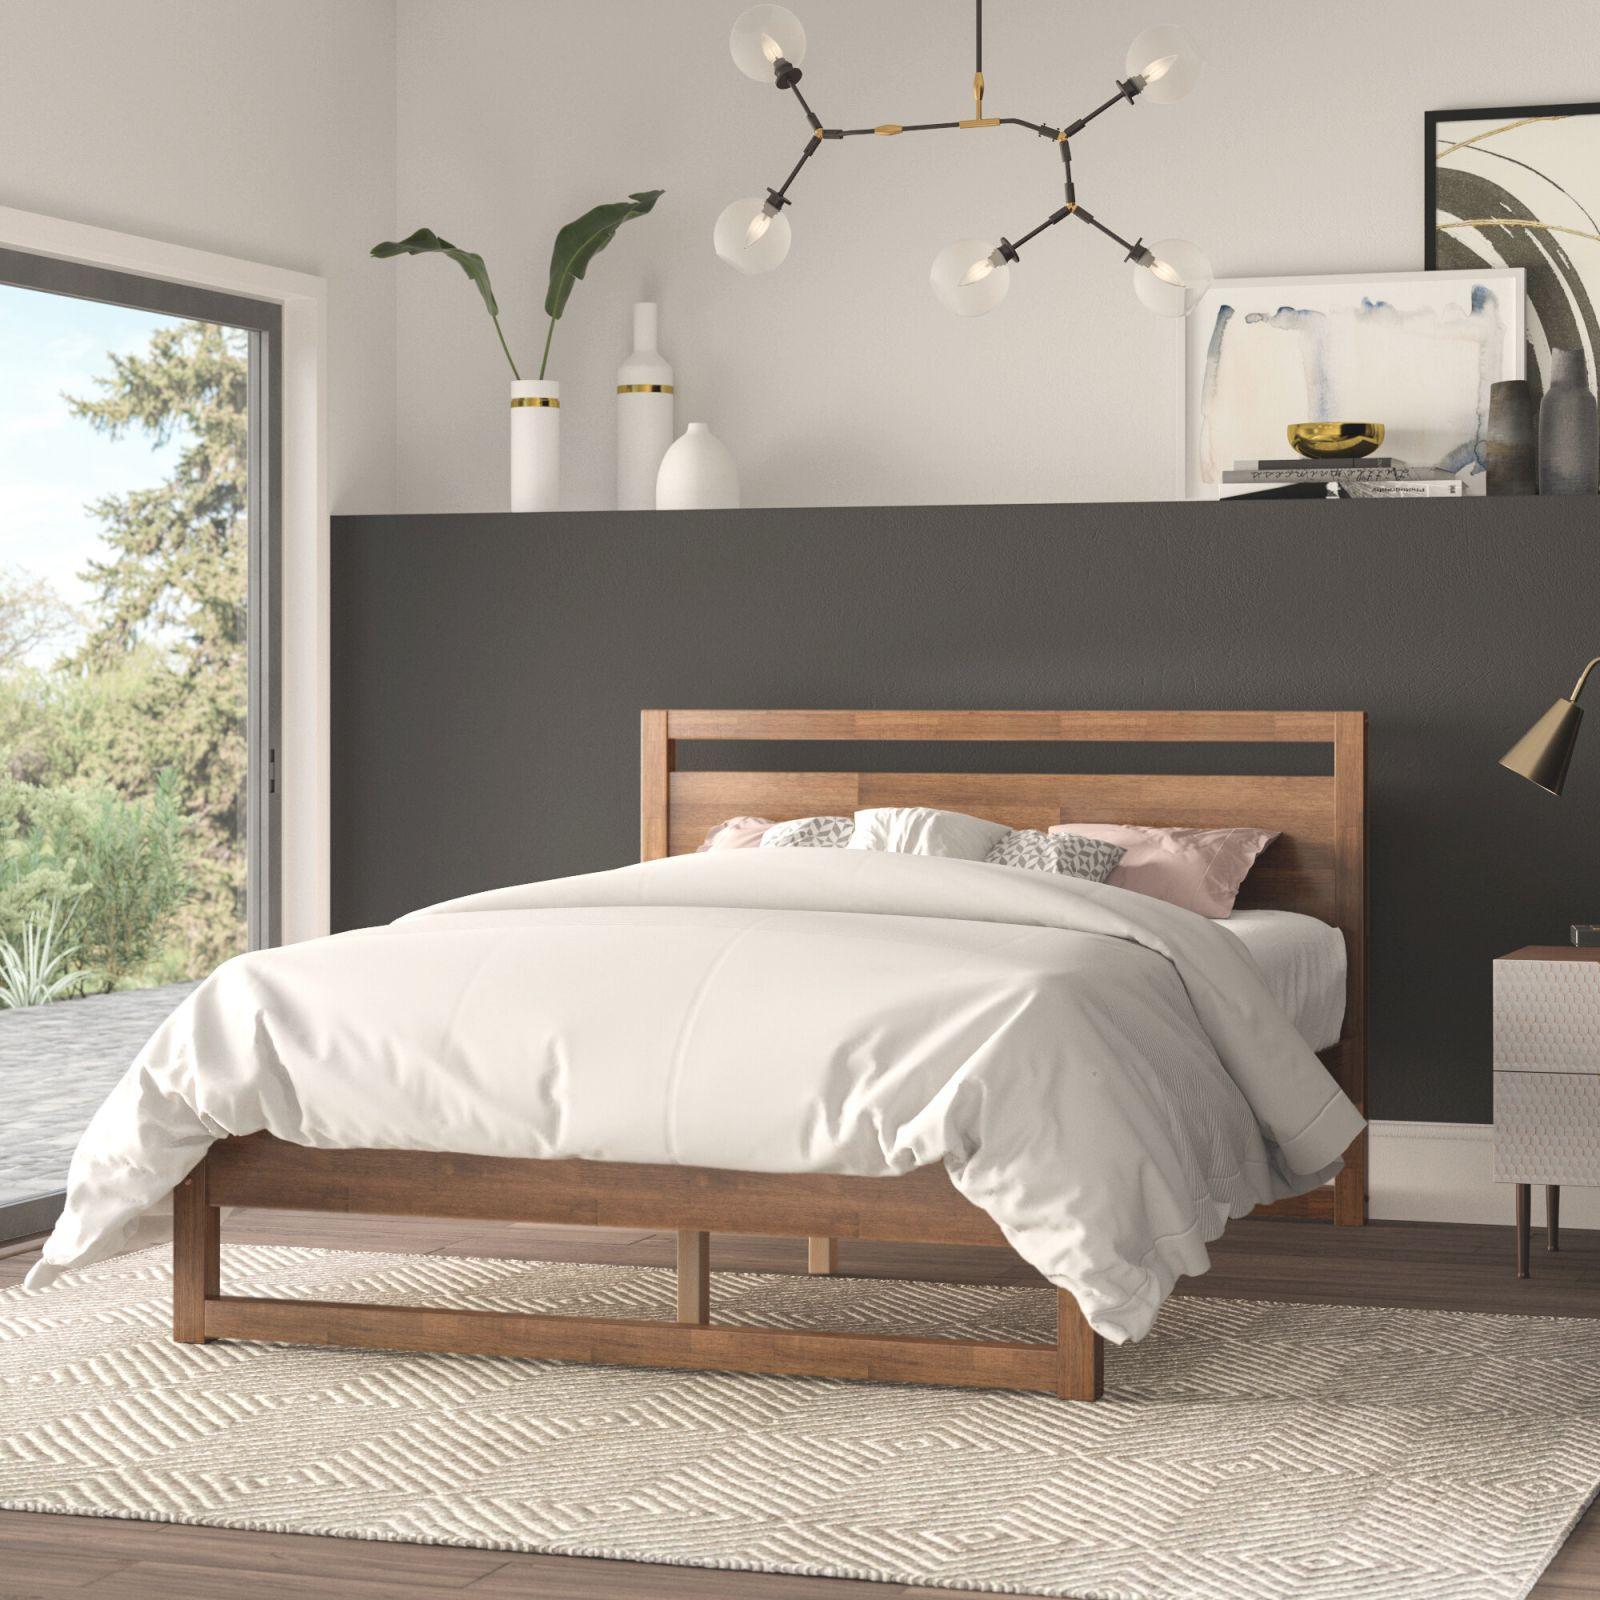 Hervorragend Mid Century Modern Platform Bedroom Set King within Fresh Bedroom Set Ideas